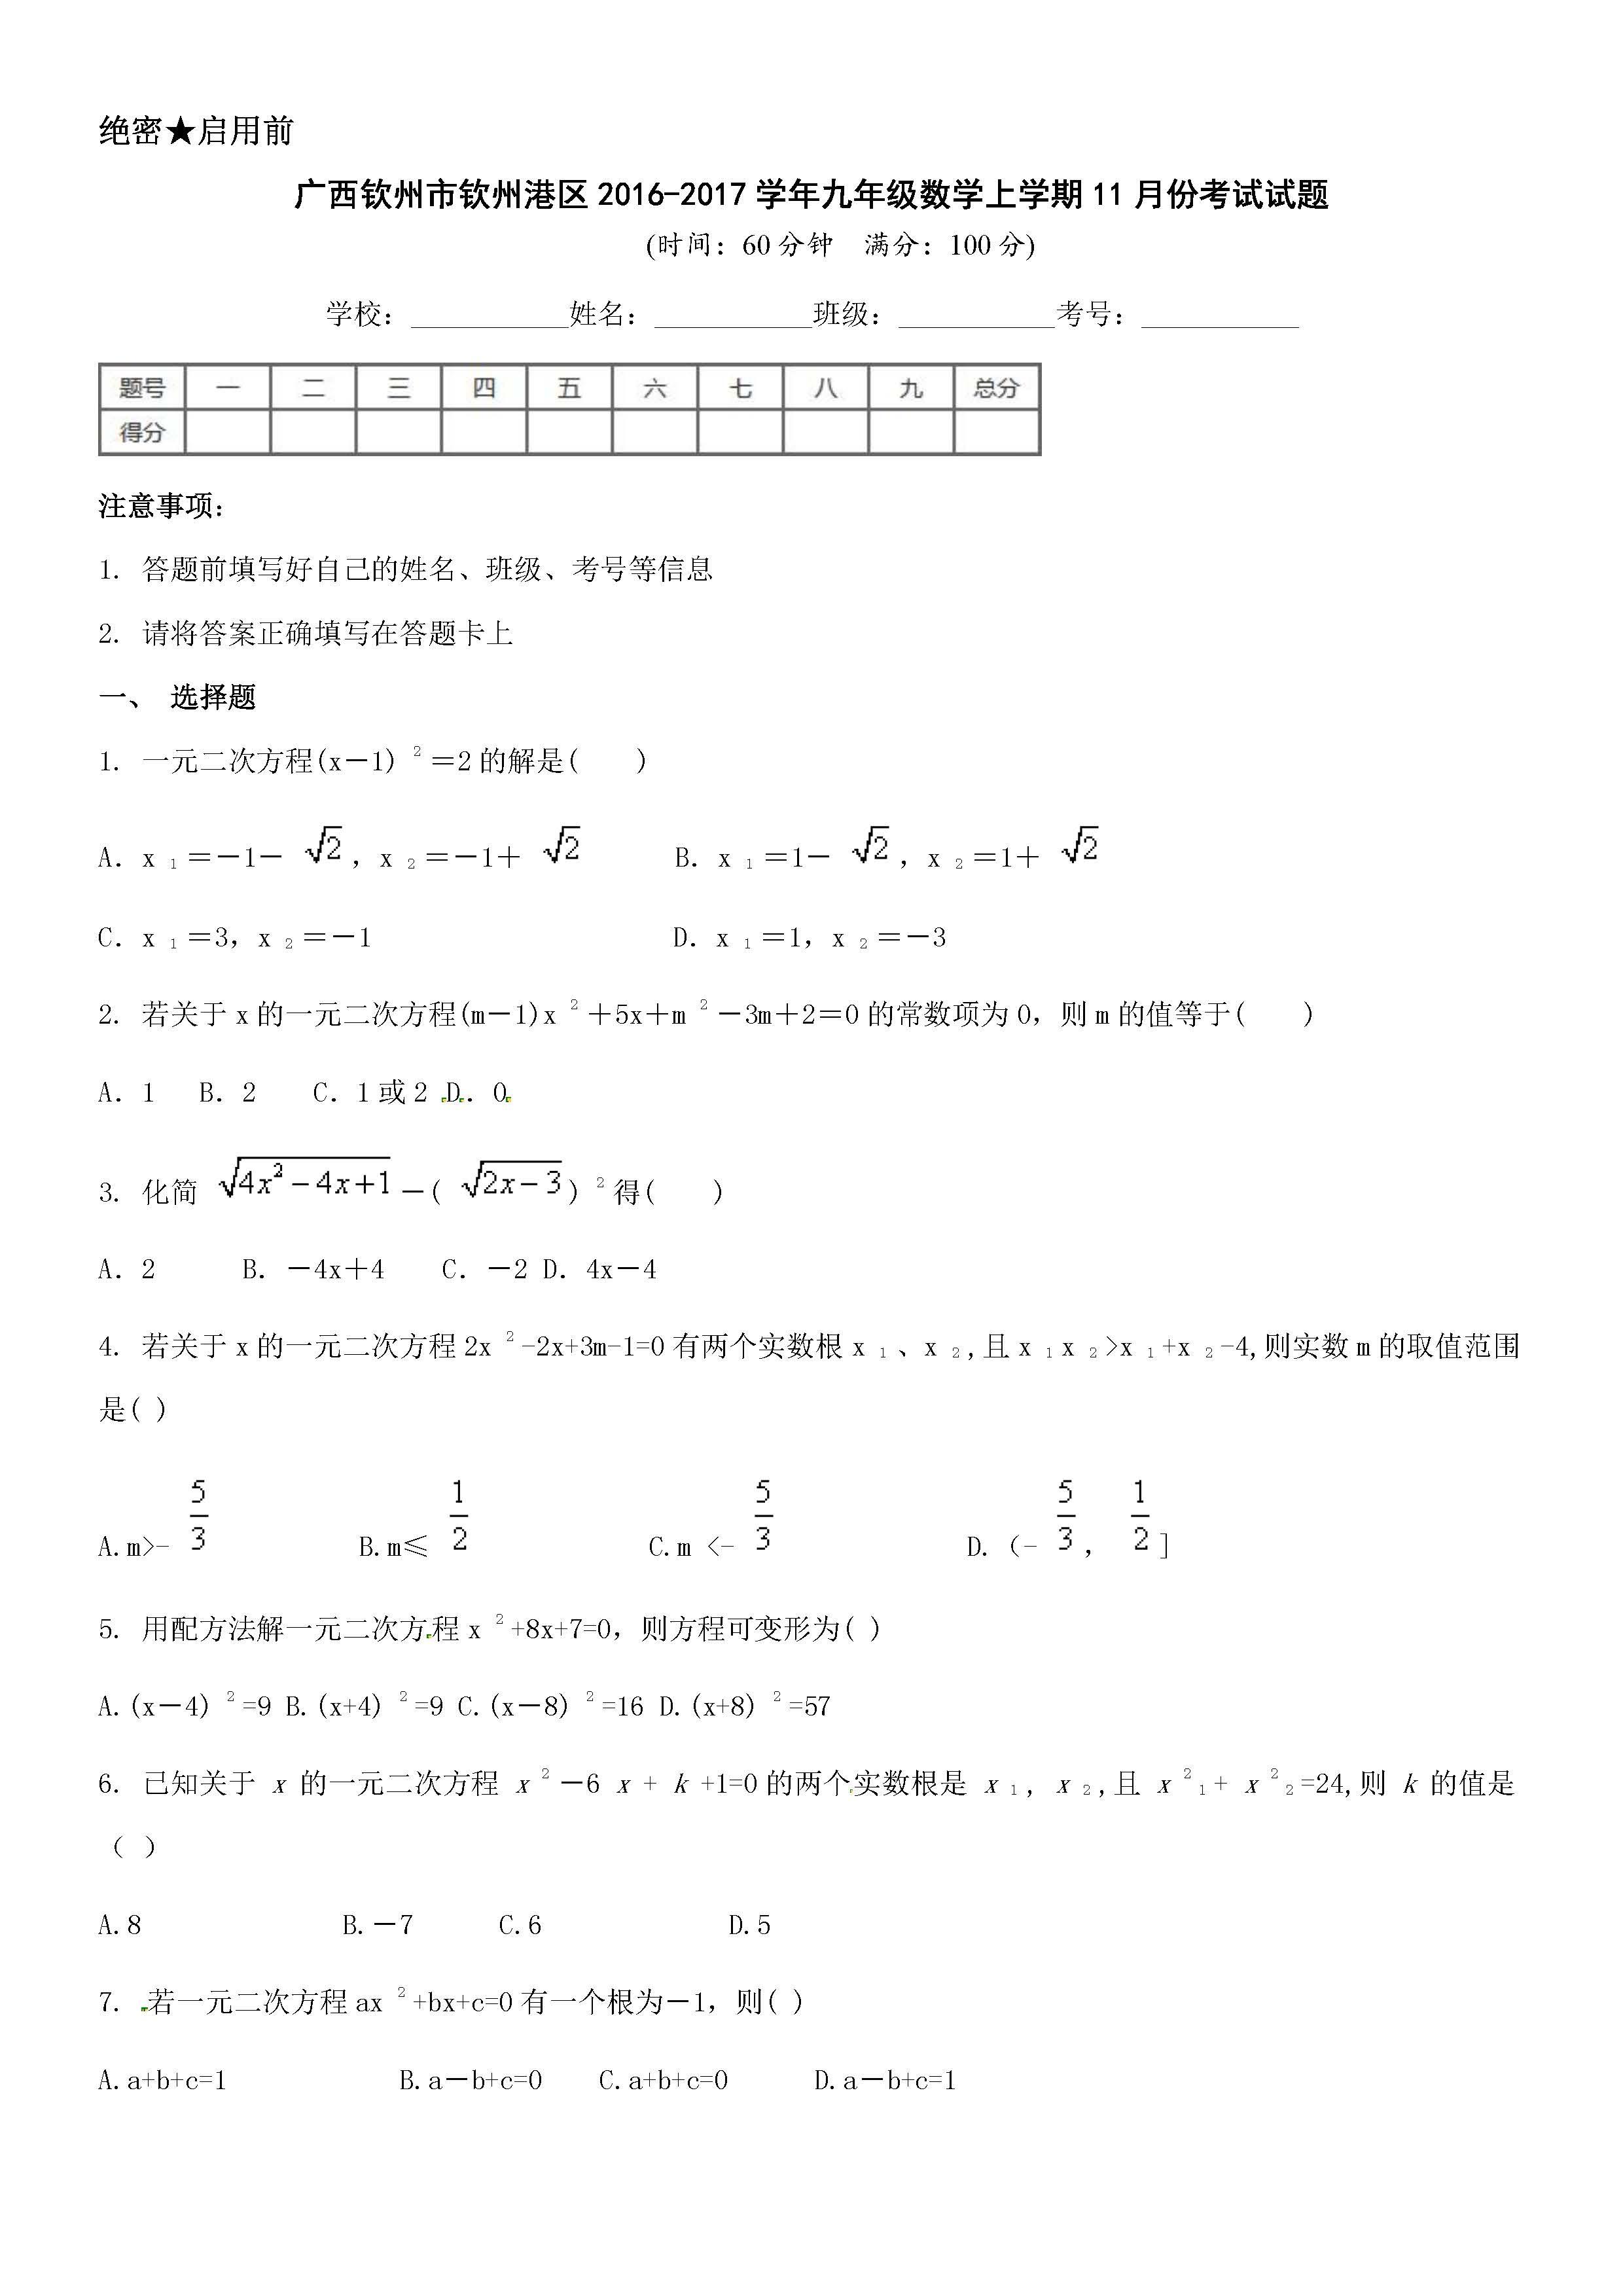 2017钦州港区九年级上11月数学月考试题(含答案)